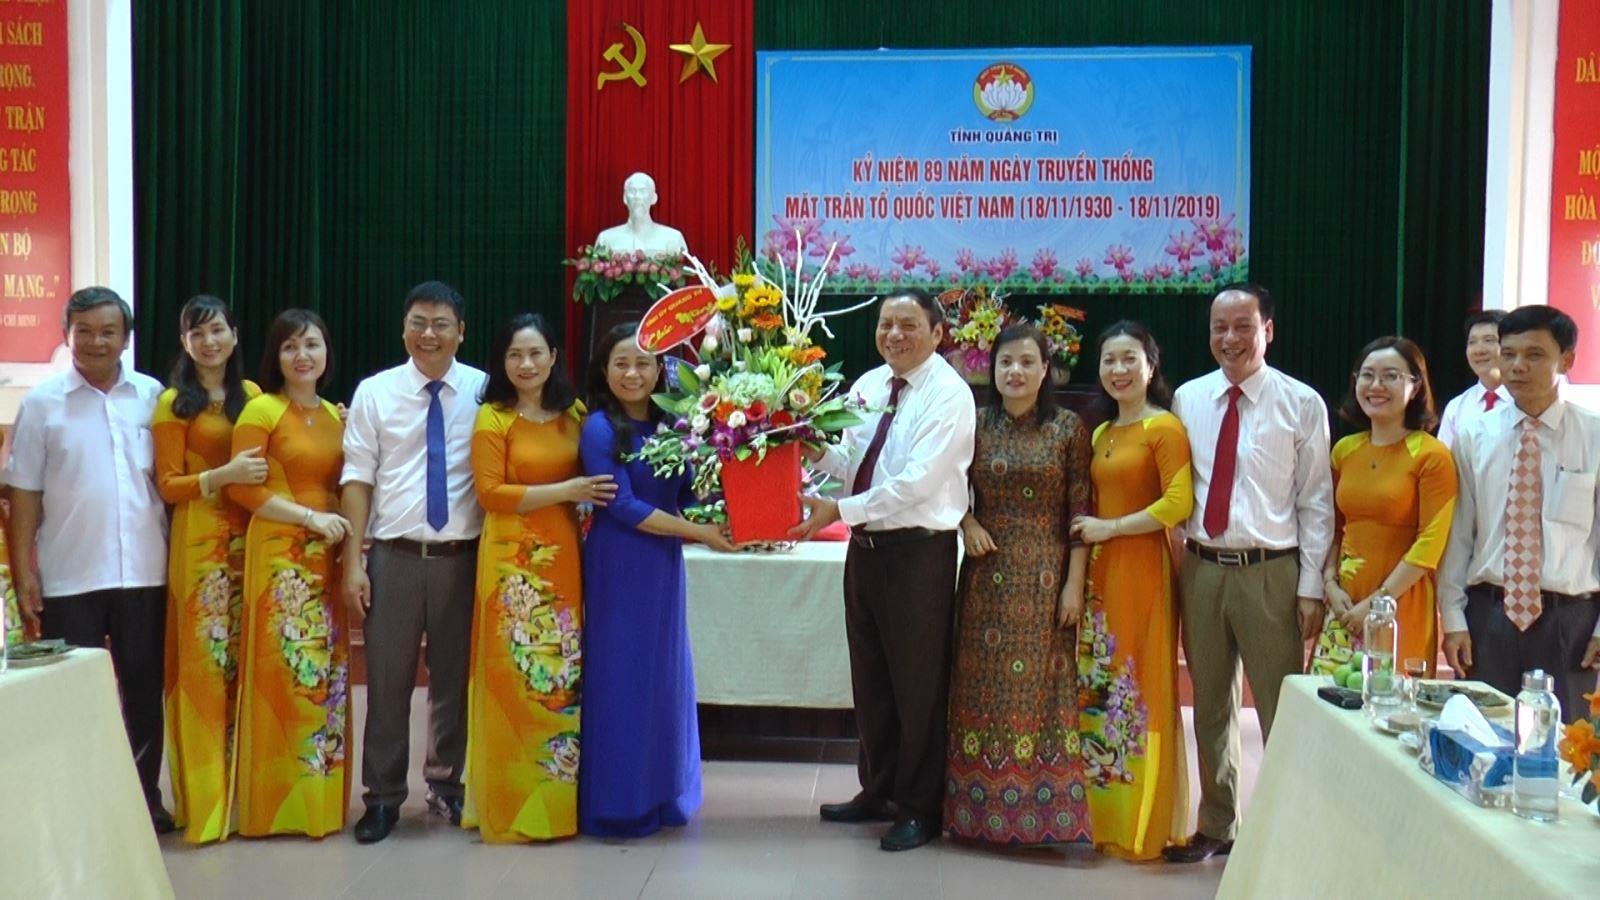 Lãnh đạo tỉnh thăm, chúc mừng nhân Ngày thành lập Mặt trận Tổ quốc Việt Nam ( 18/11)